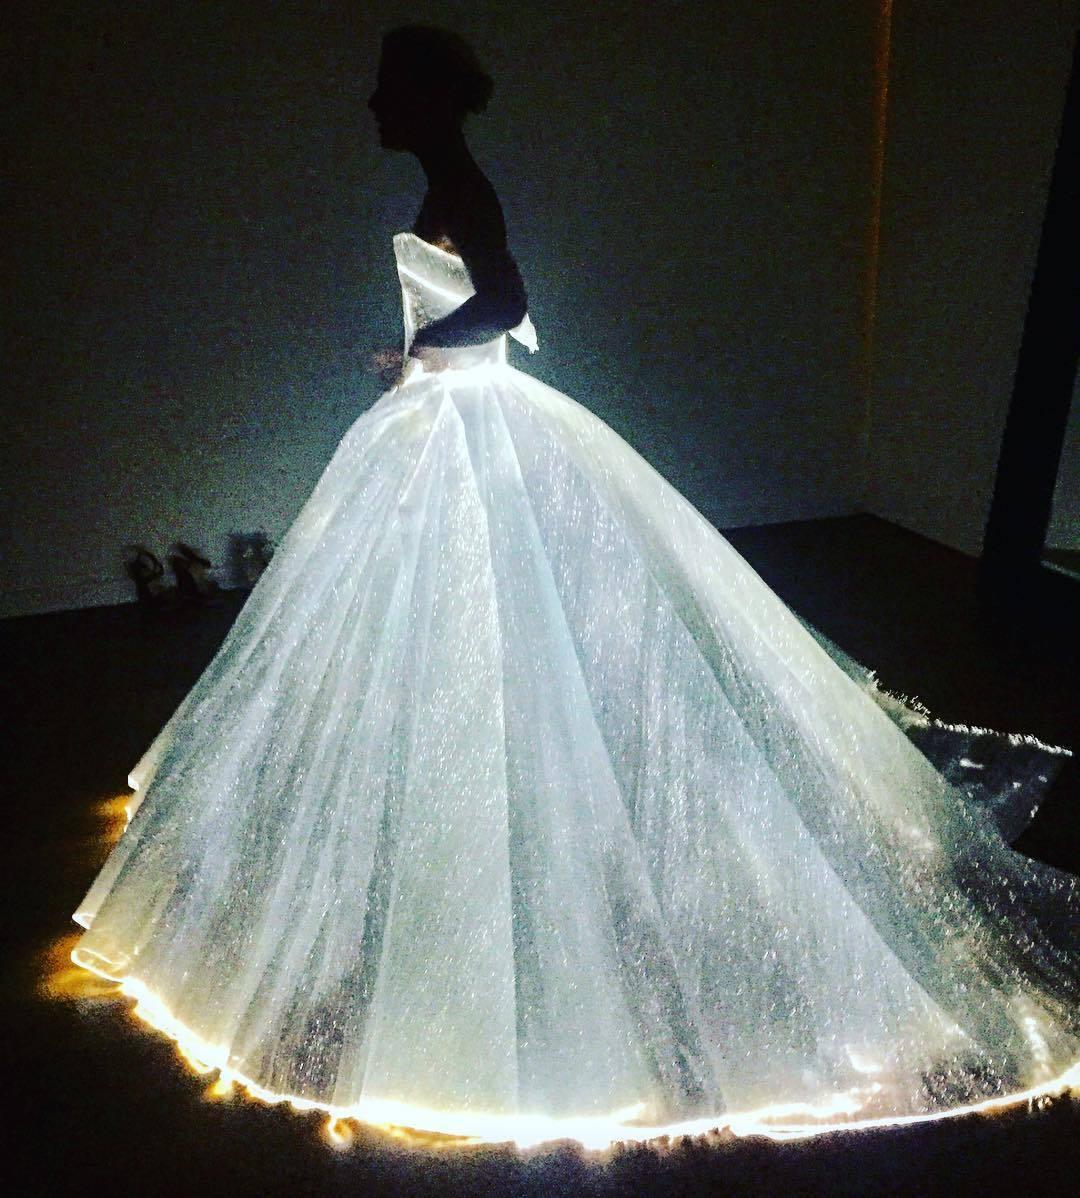 Met Gala 2016: Lily-rose Depp, Vestidos Con Iluminación, Y